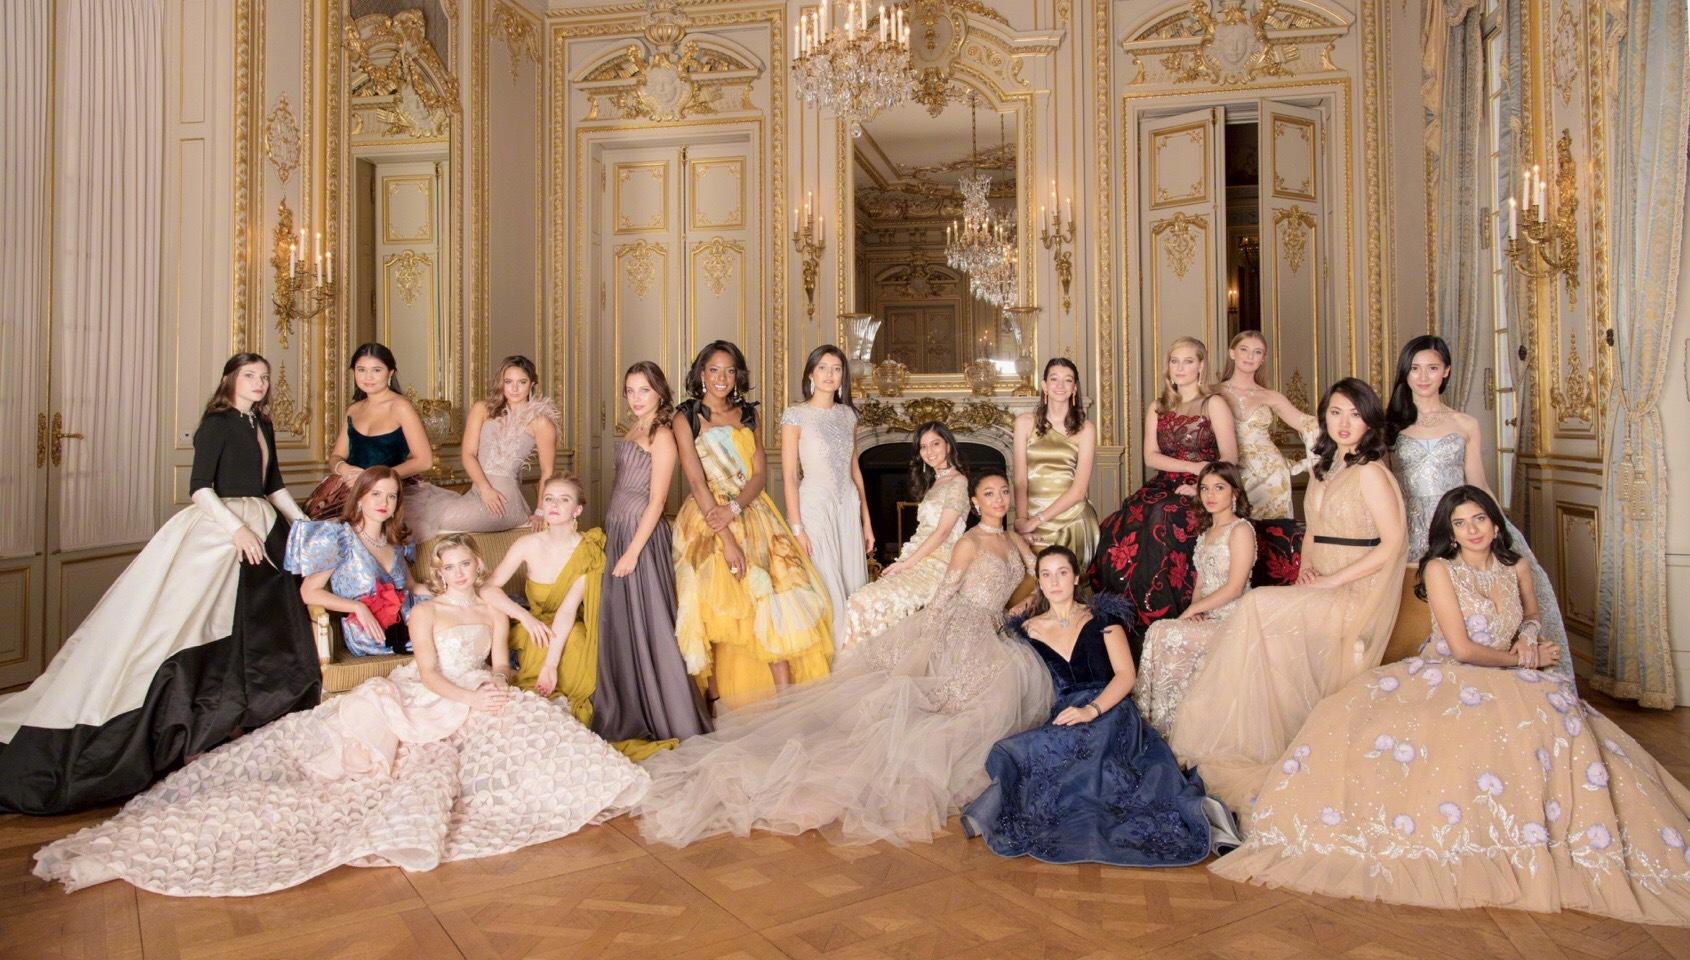 沒貴族稱號,首次亮相就出席巴黎名媛舞會,因父親是華為創始人?